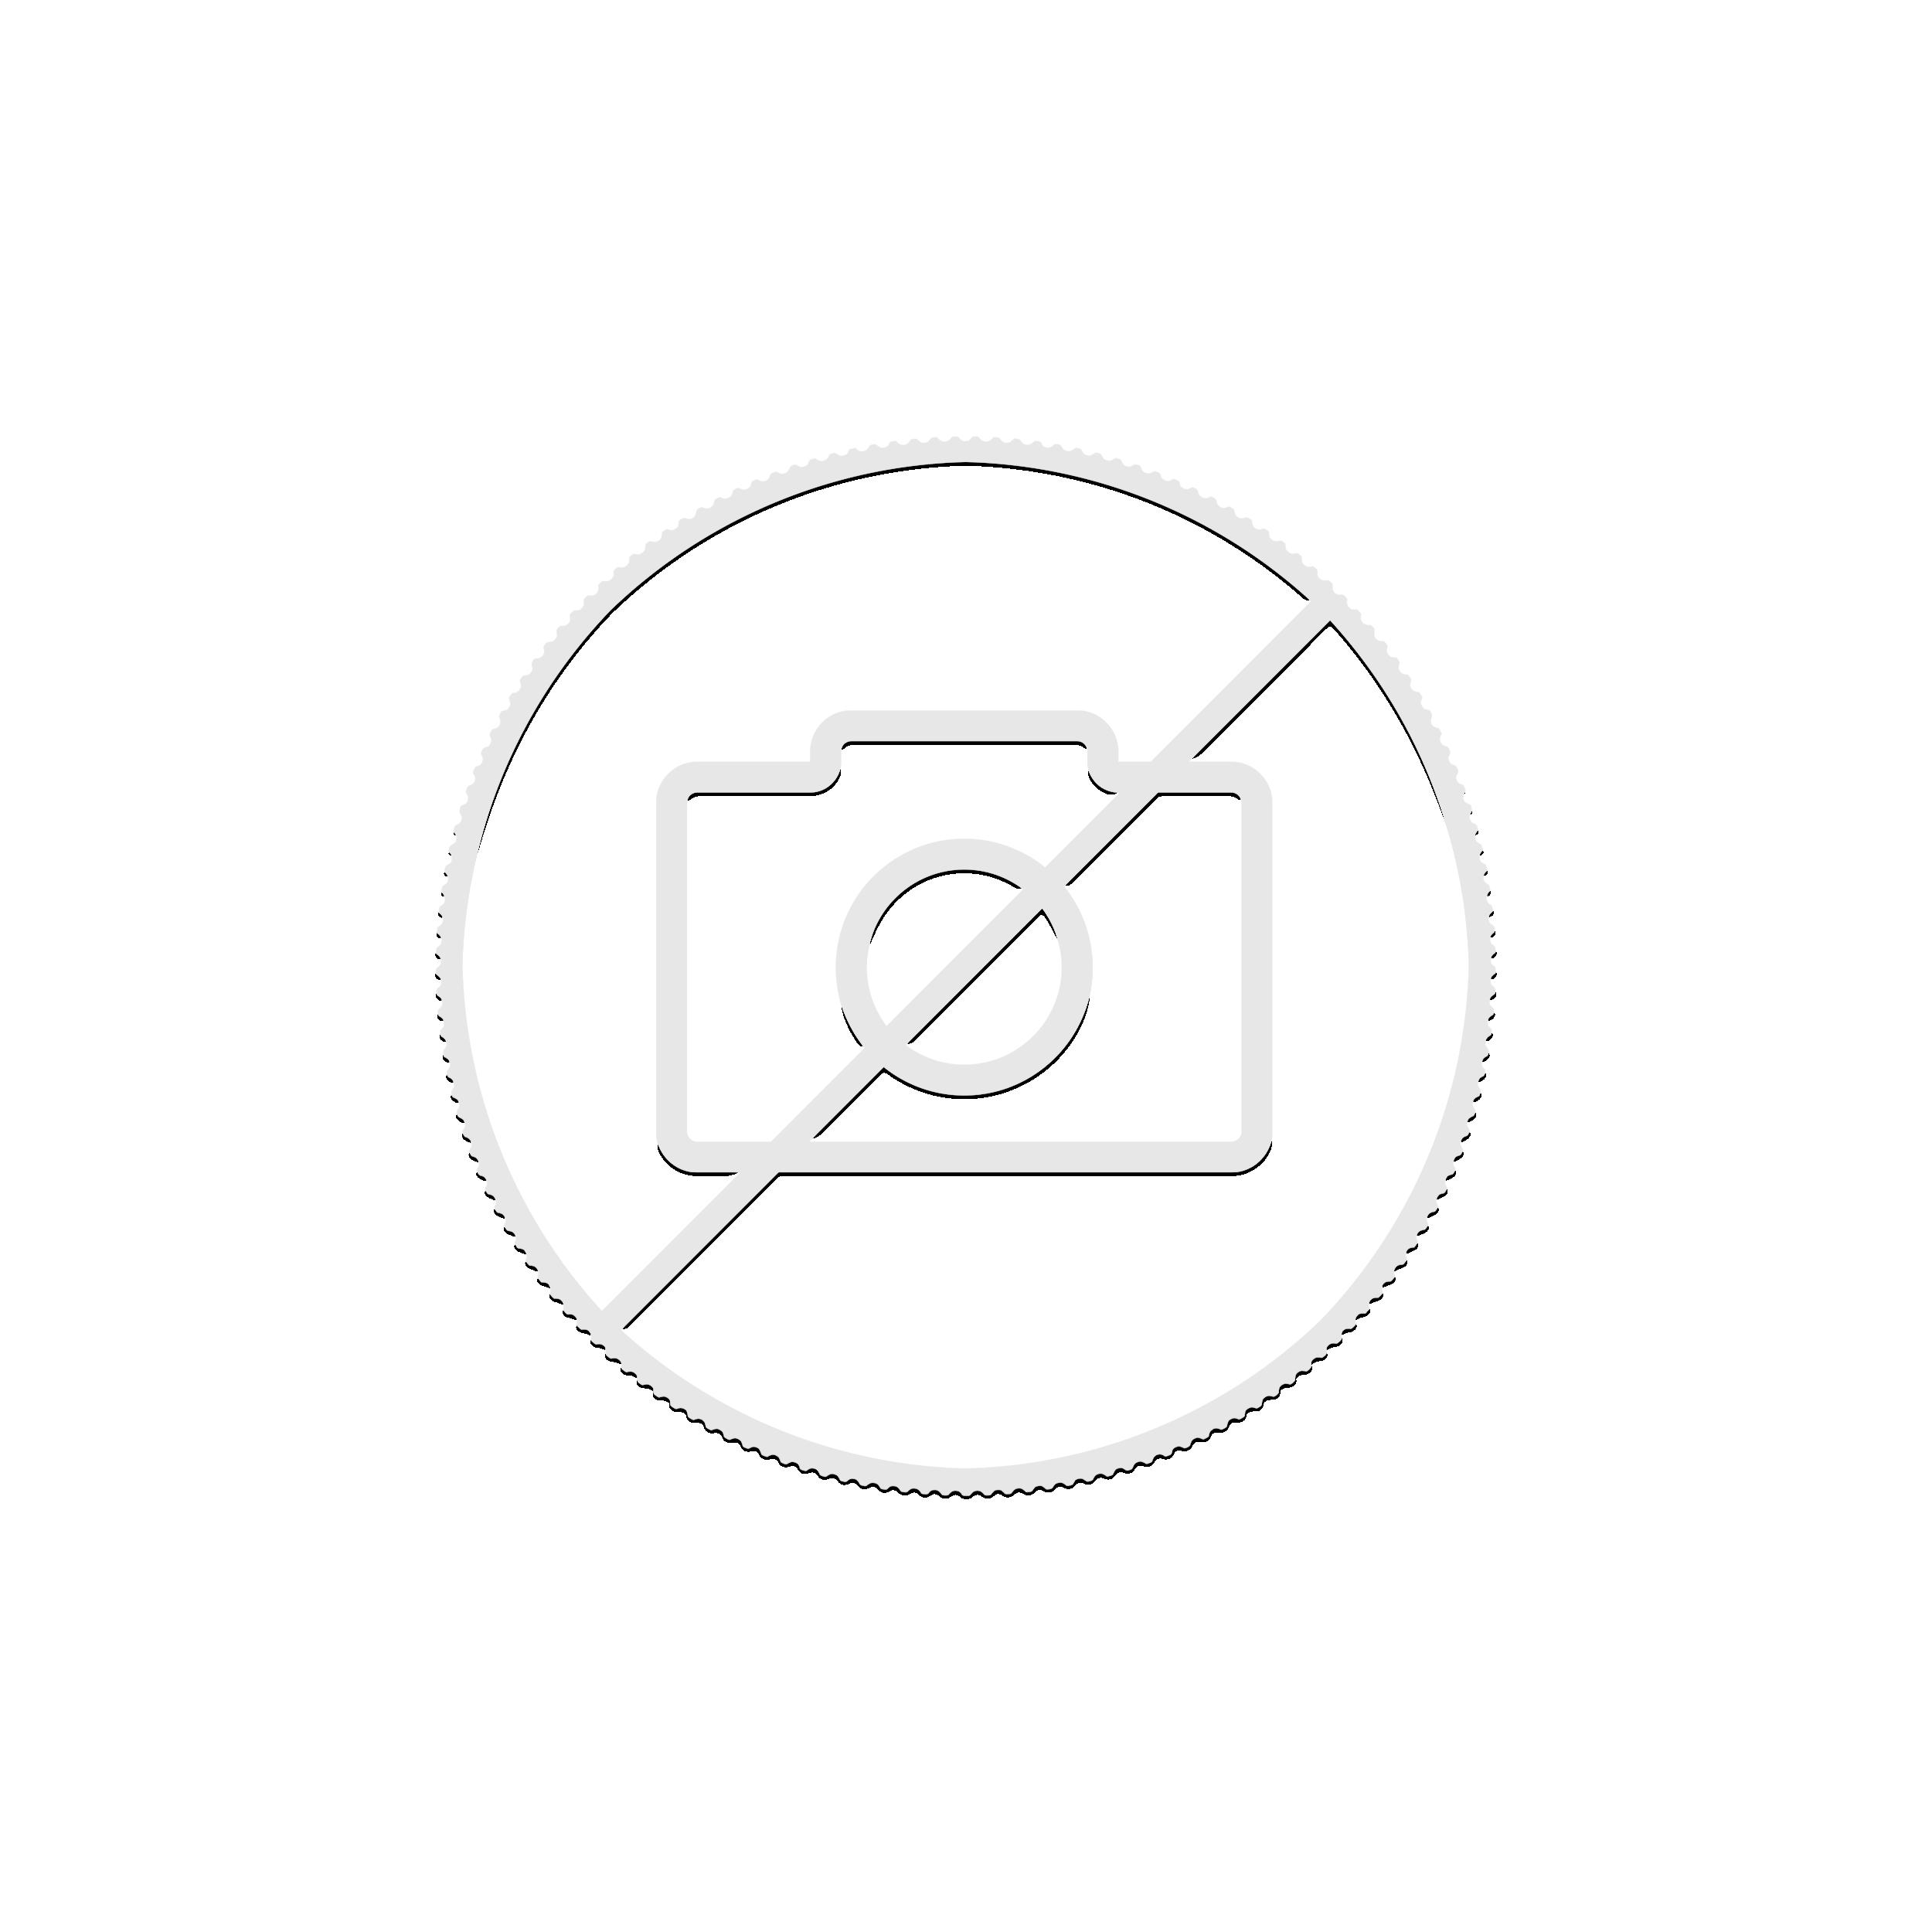 Volledige oeuvre van Vermeer in goud op zilver penningen